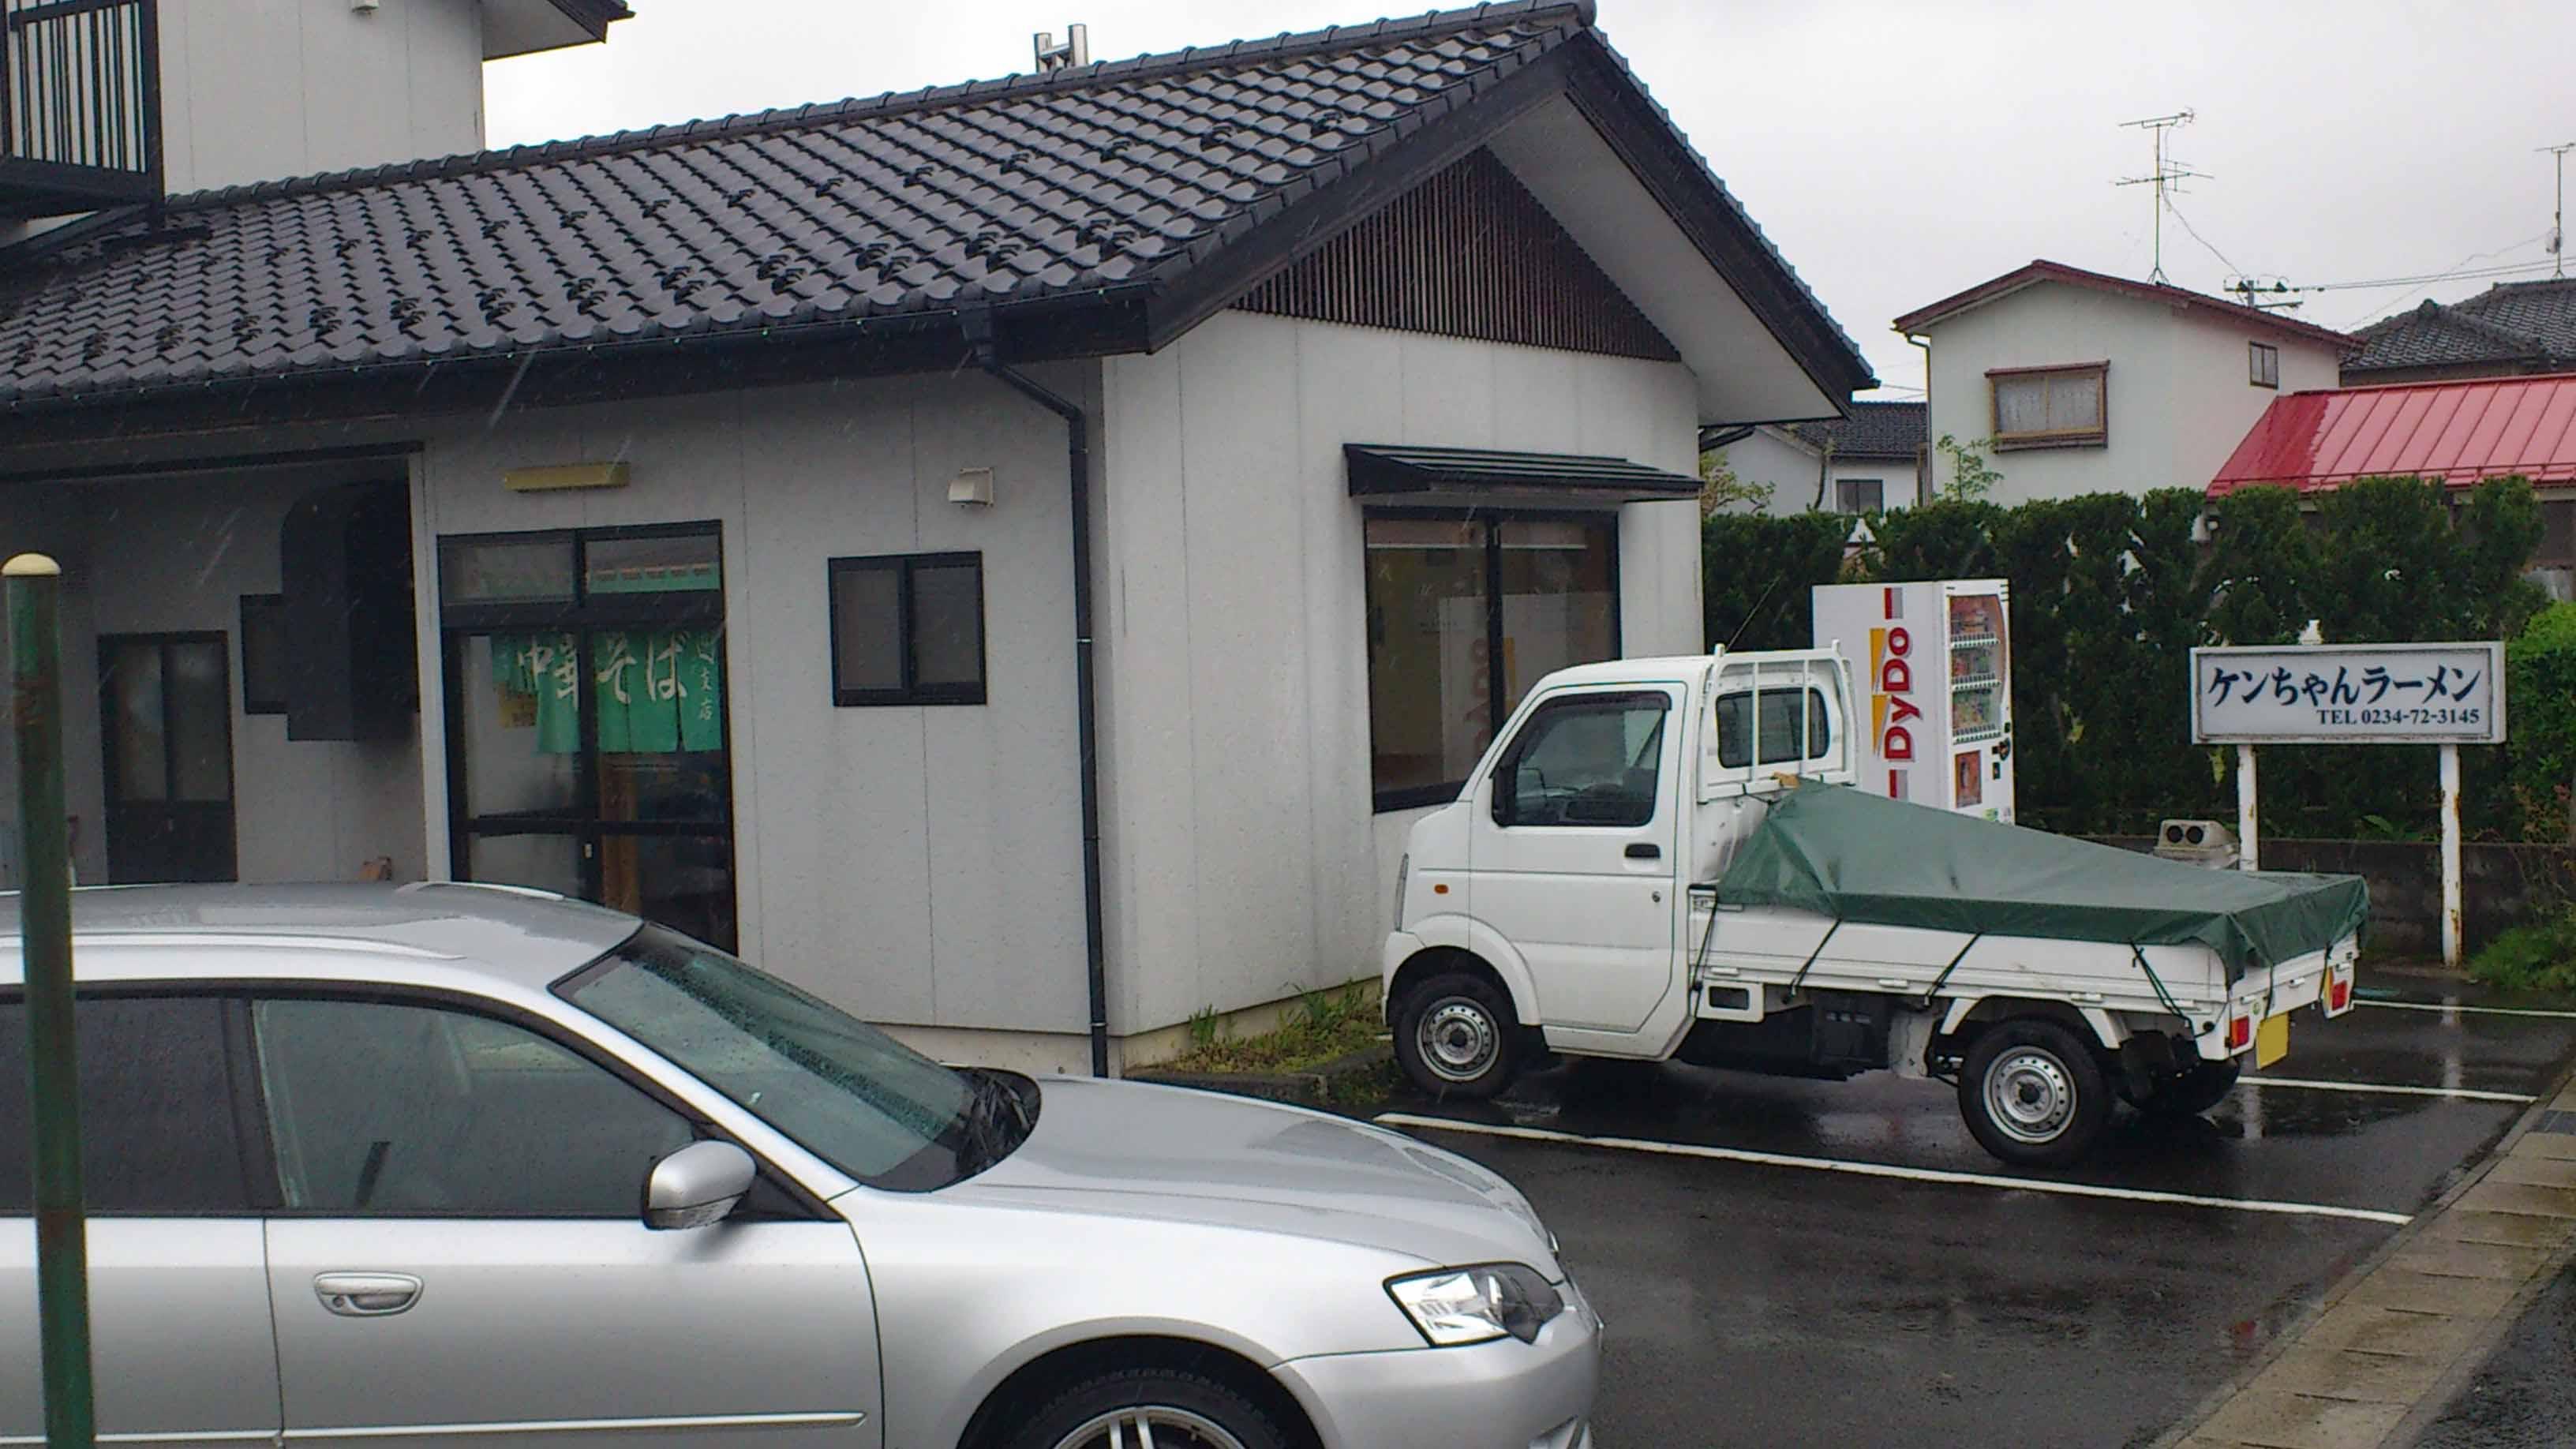 ケンちゃんラーメン 遊佐店